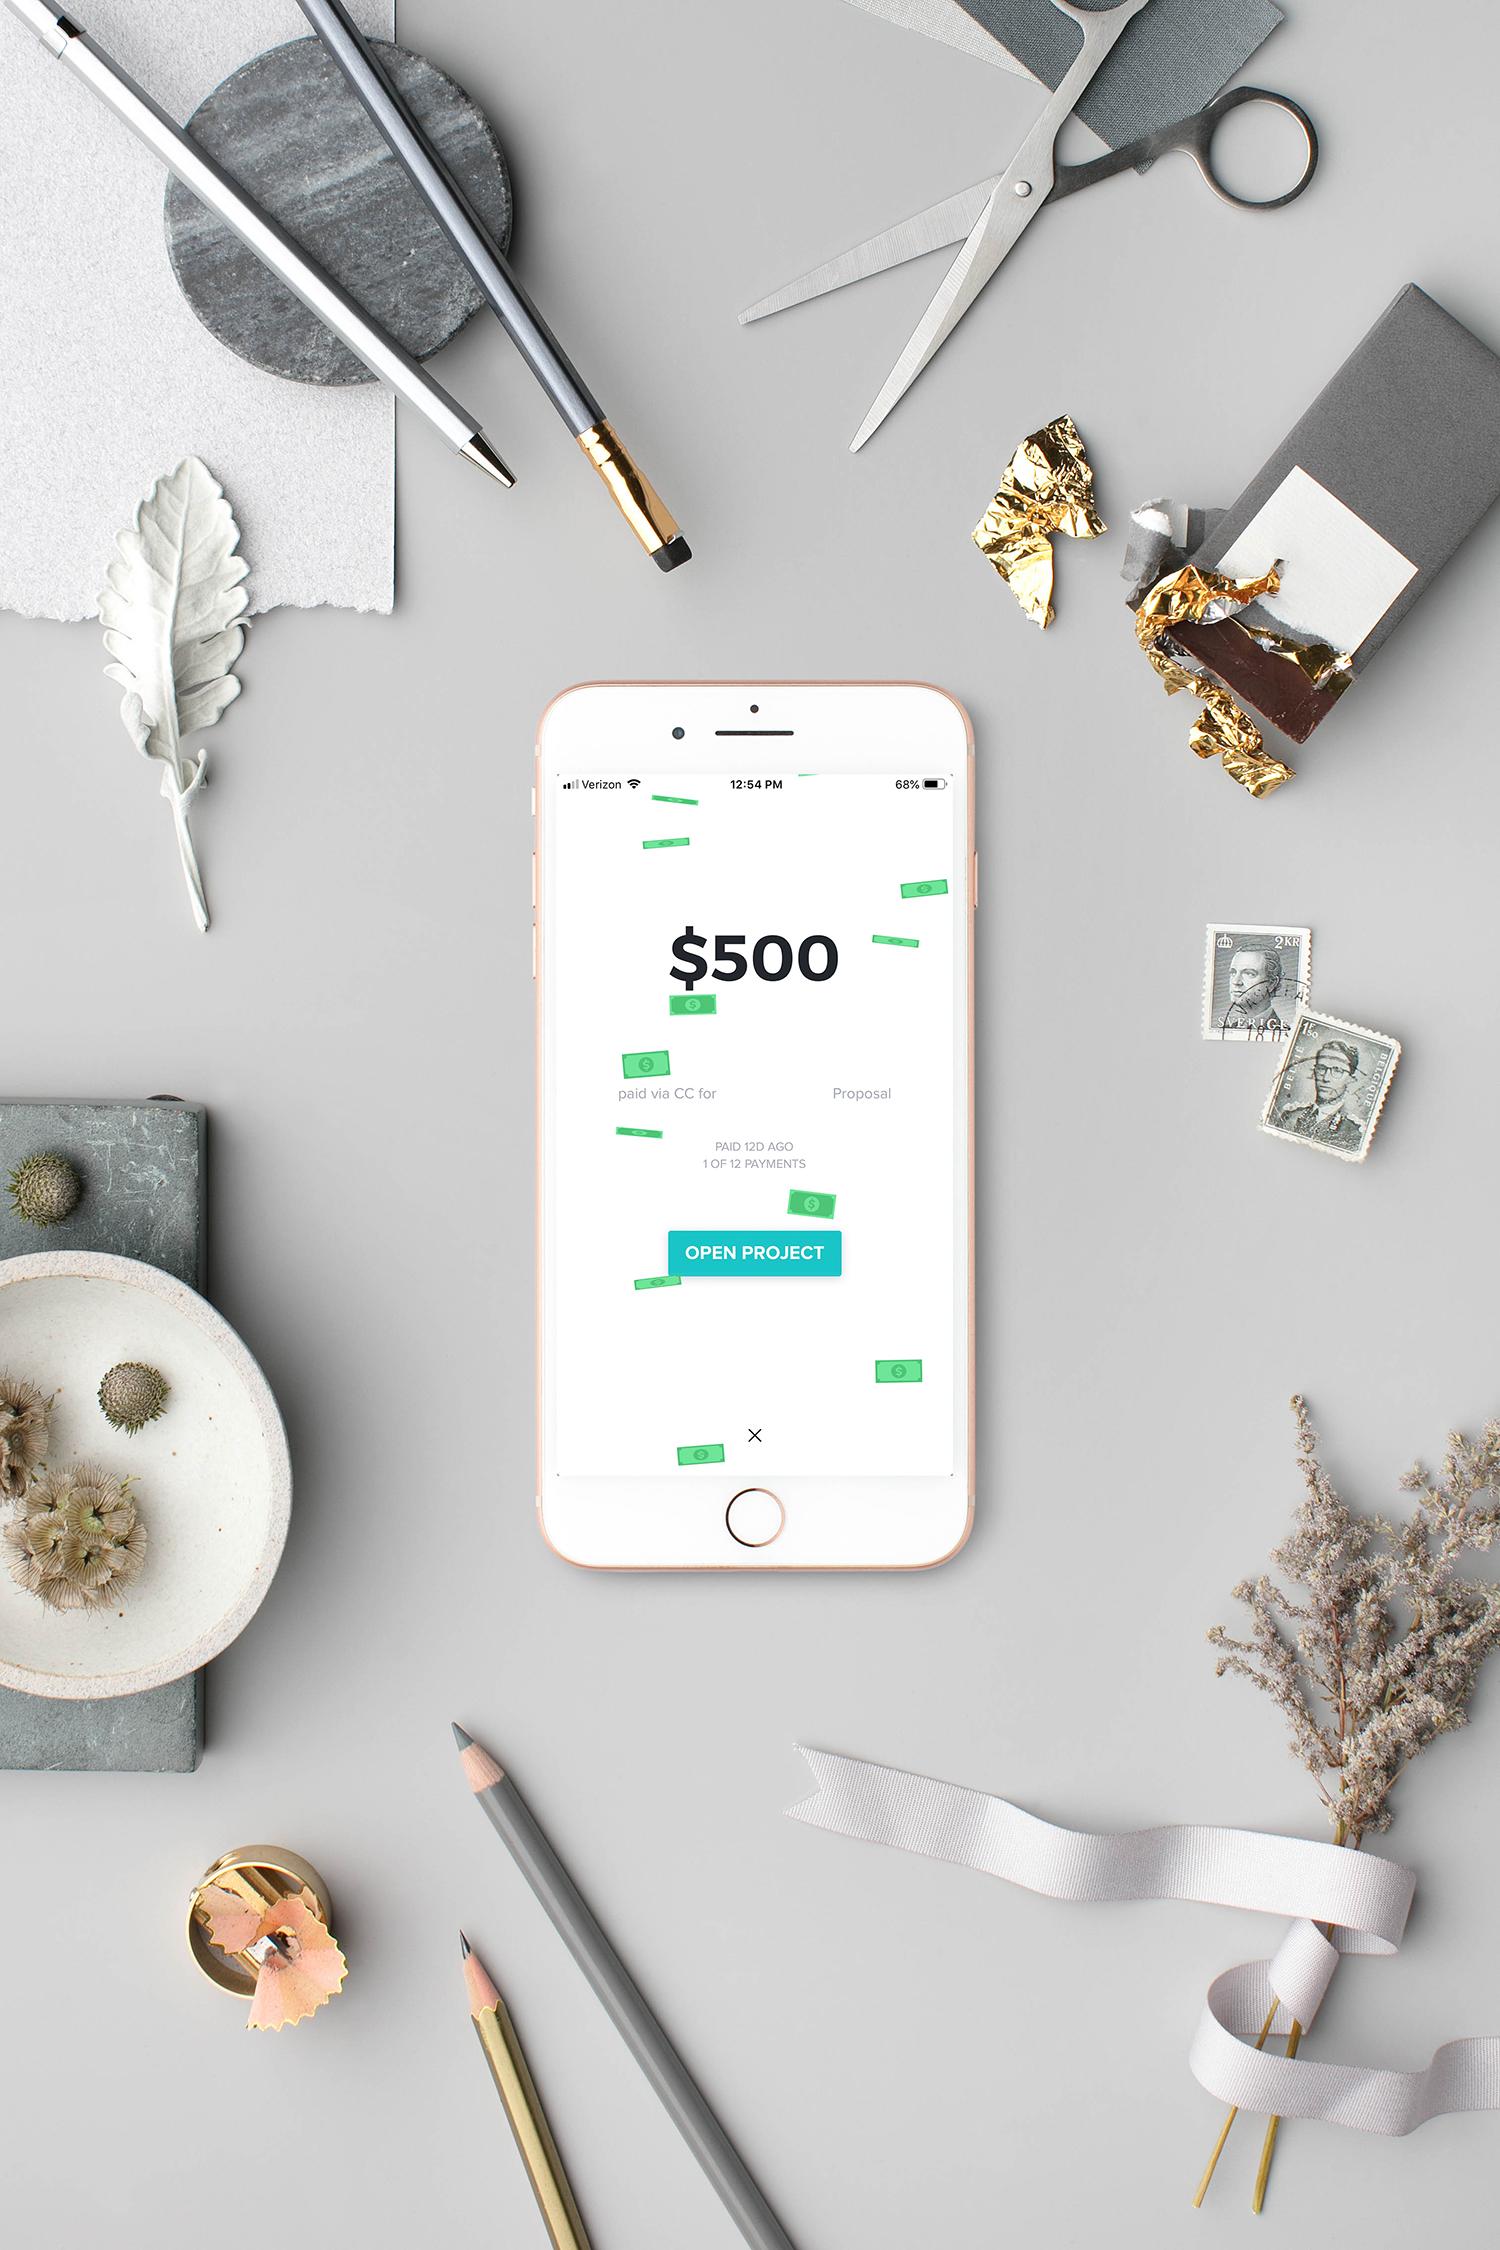 honeybook phone get paid.jpg